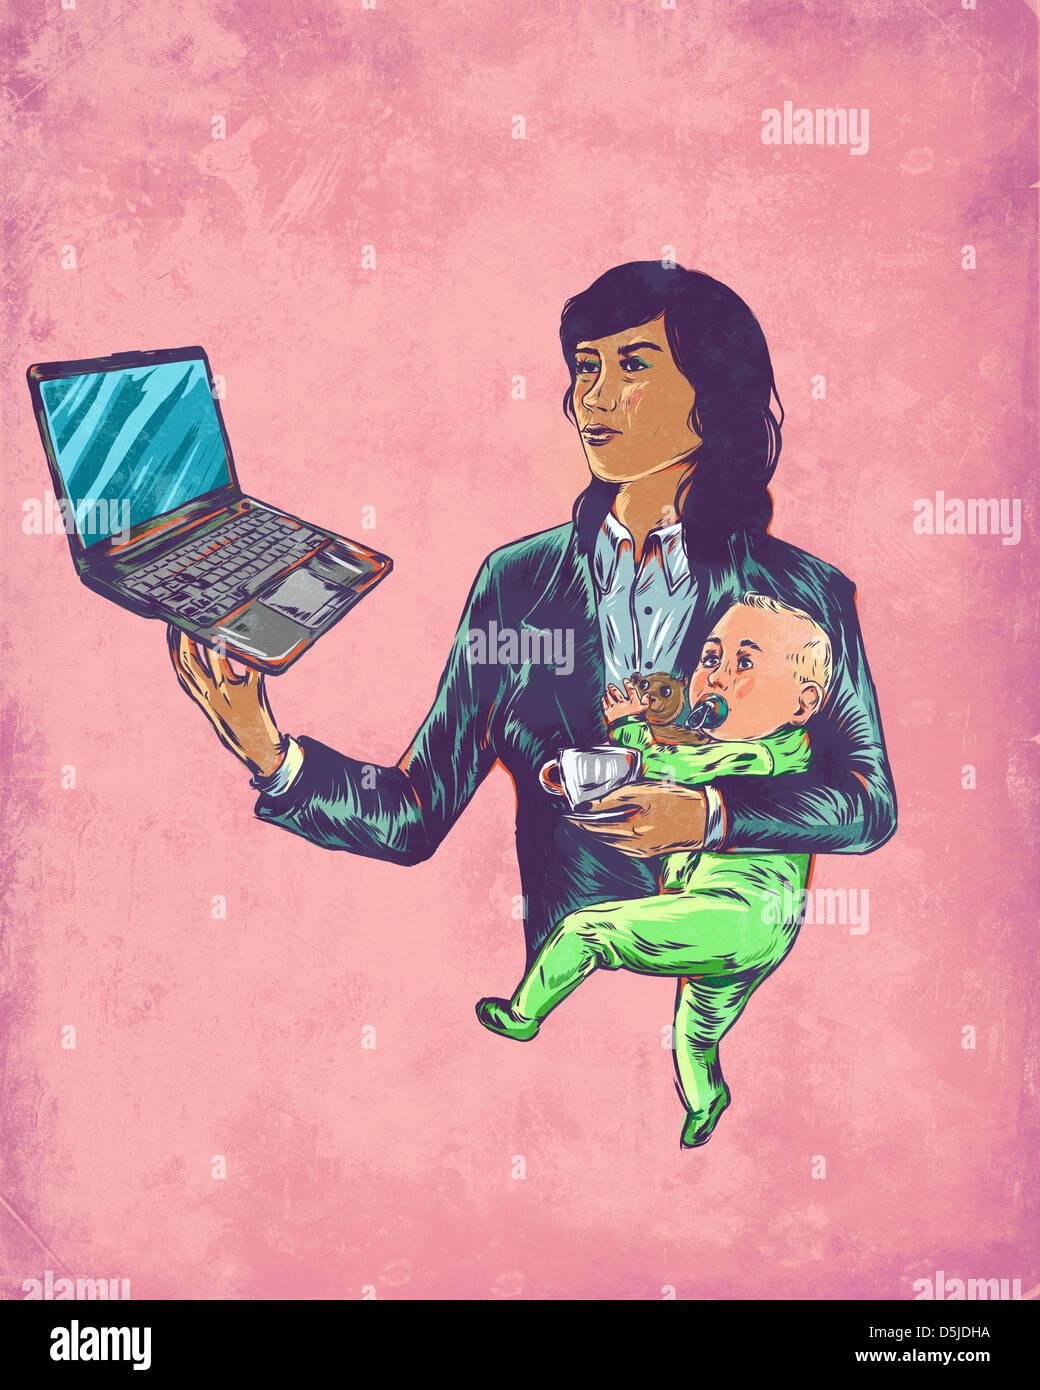 Image illustration bébé comptable lors de l'utilisation d'ordinateur portable représentant Photo Stock